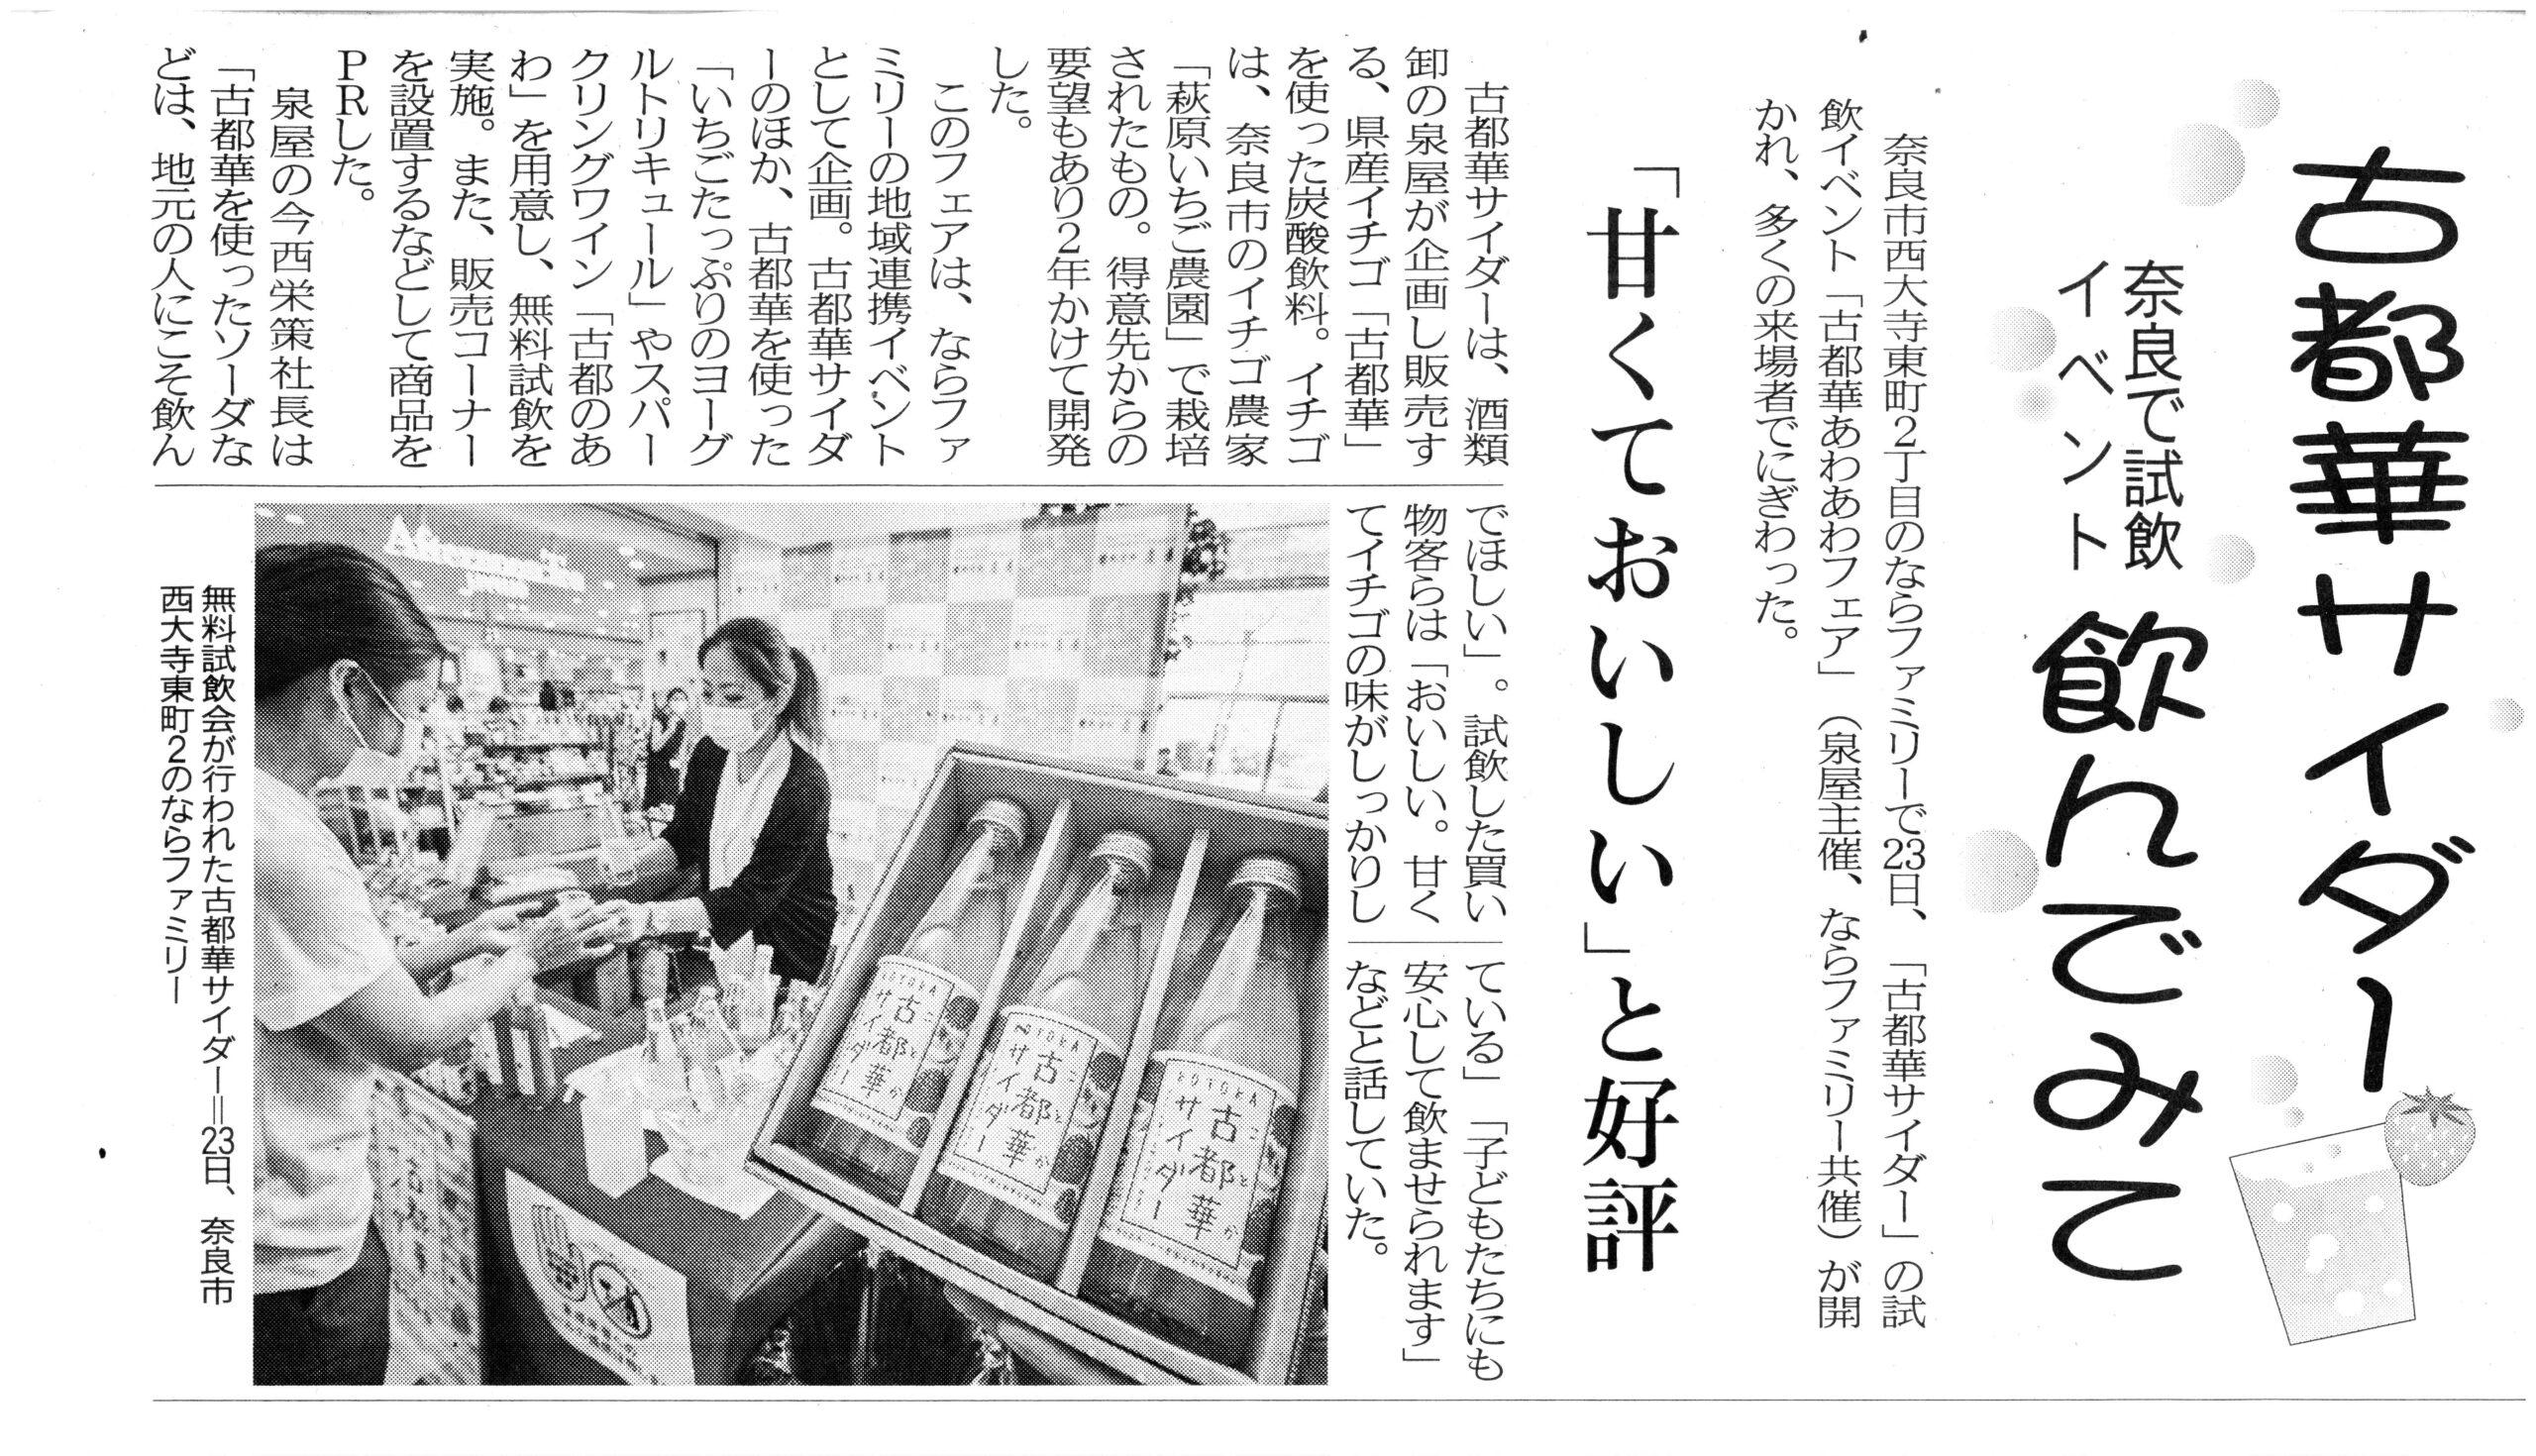 9月24日の奈良新聞に『古都華あわあわフェア』が掲載されました!